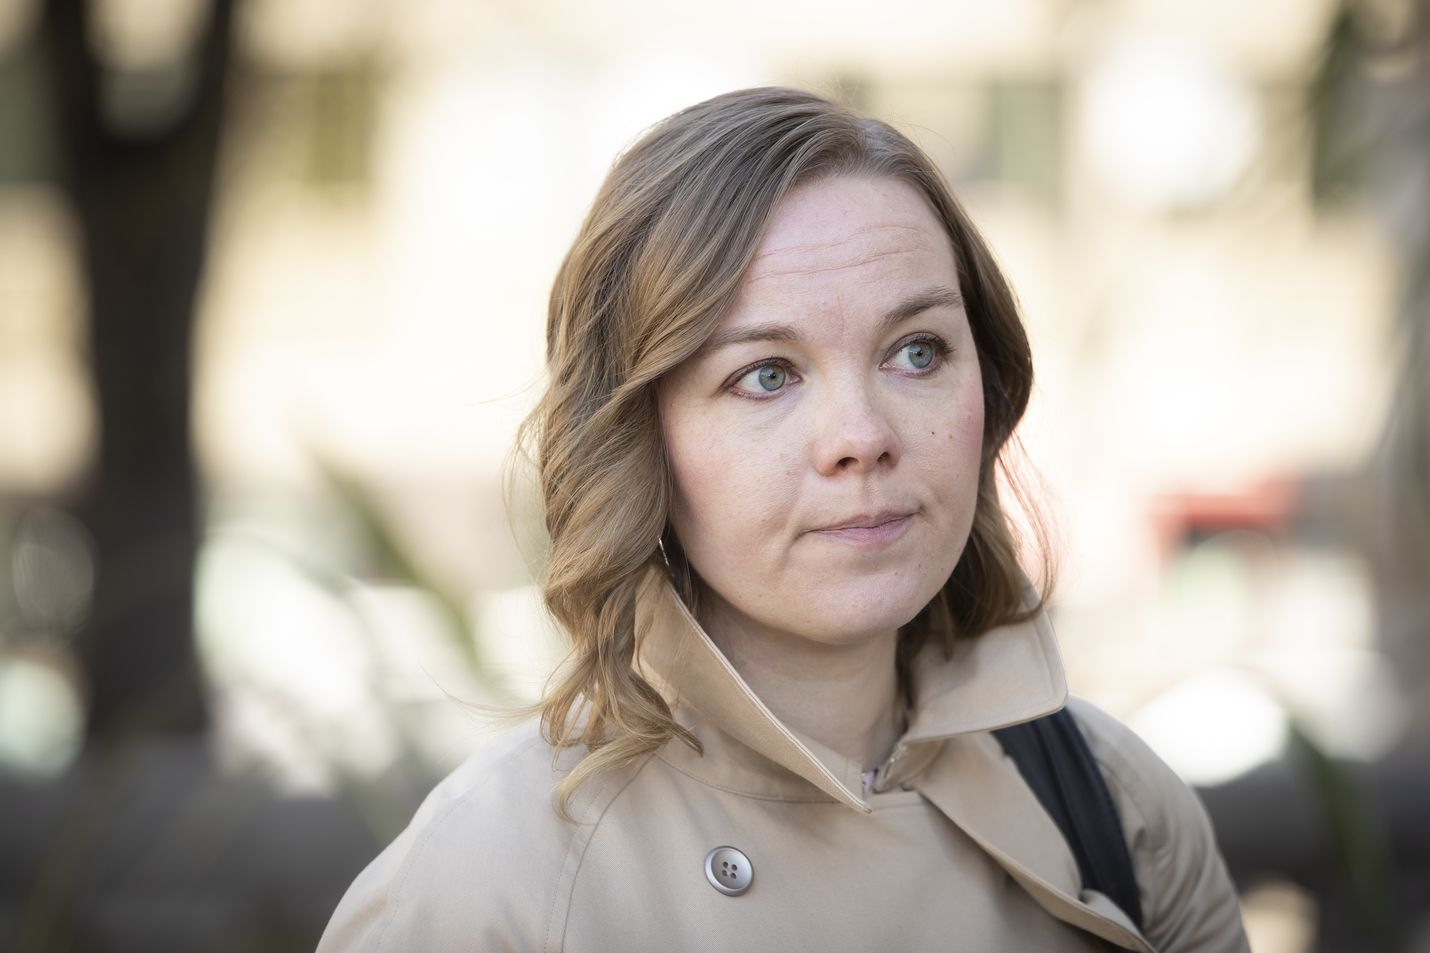 Valtiovarainministeri Katri Kulmuni jättää tehtävänsä ministerinä.